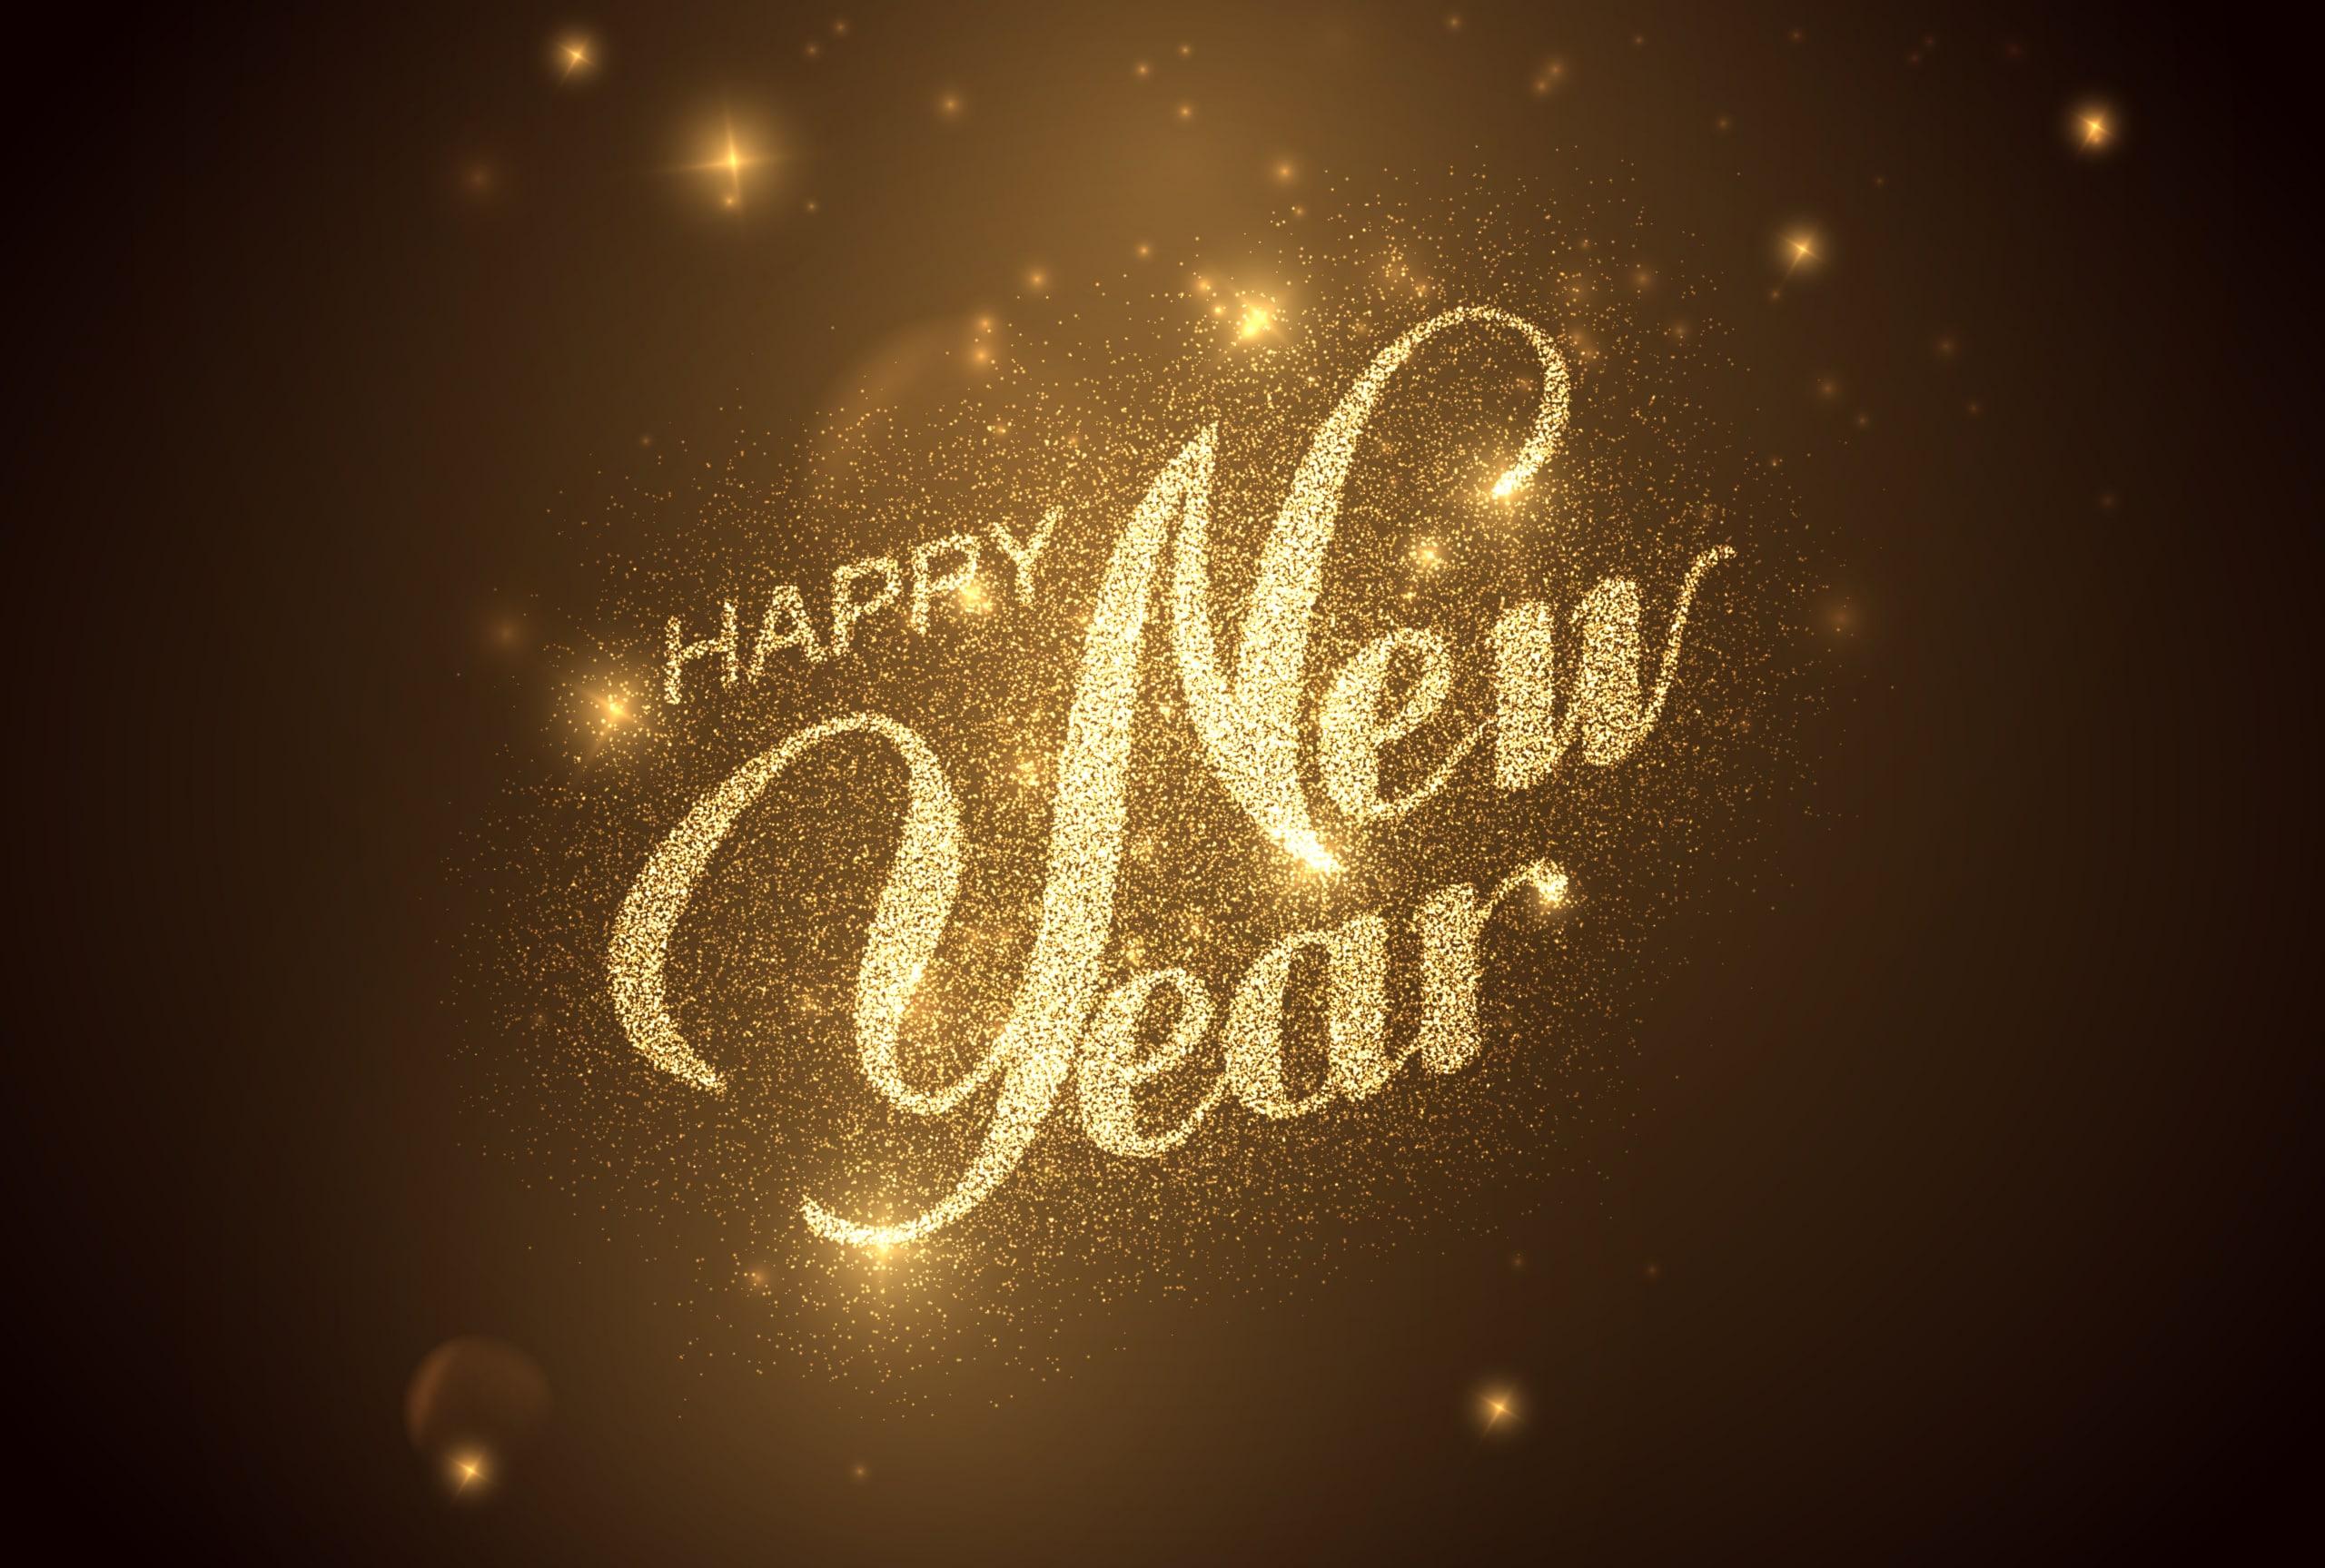 新年を迎えるタイミングでプロポーズのイメージ